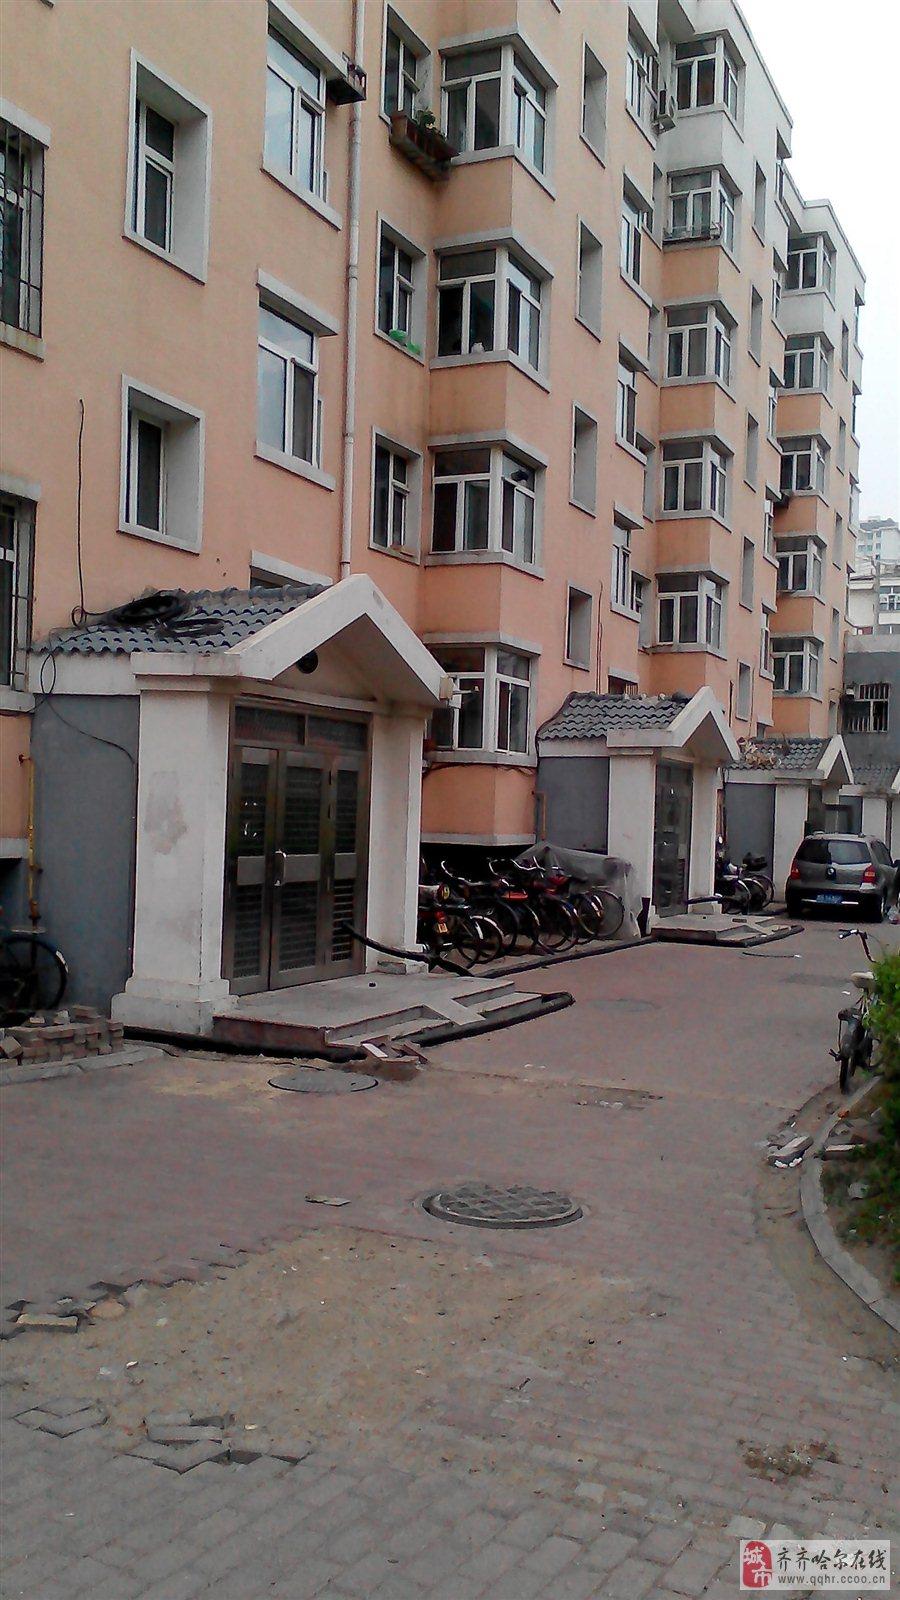 鹤乡新城房子,位置好、楼盘好、楼层好。